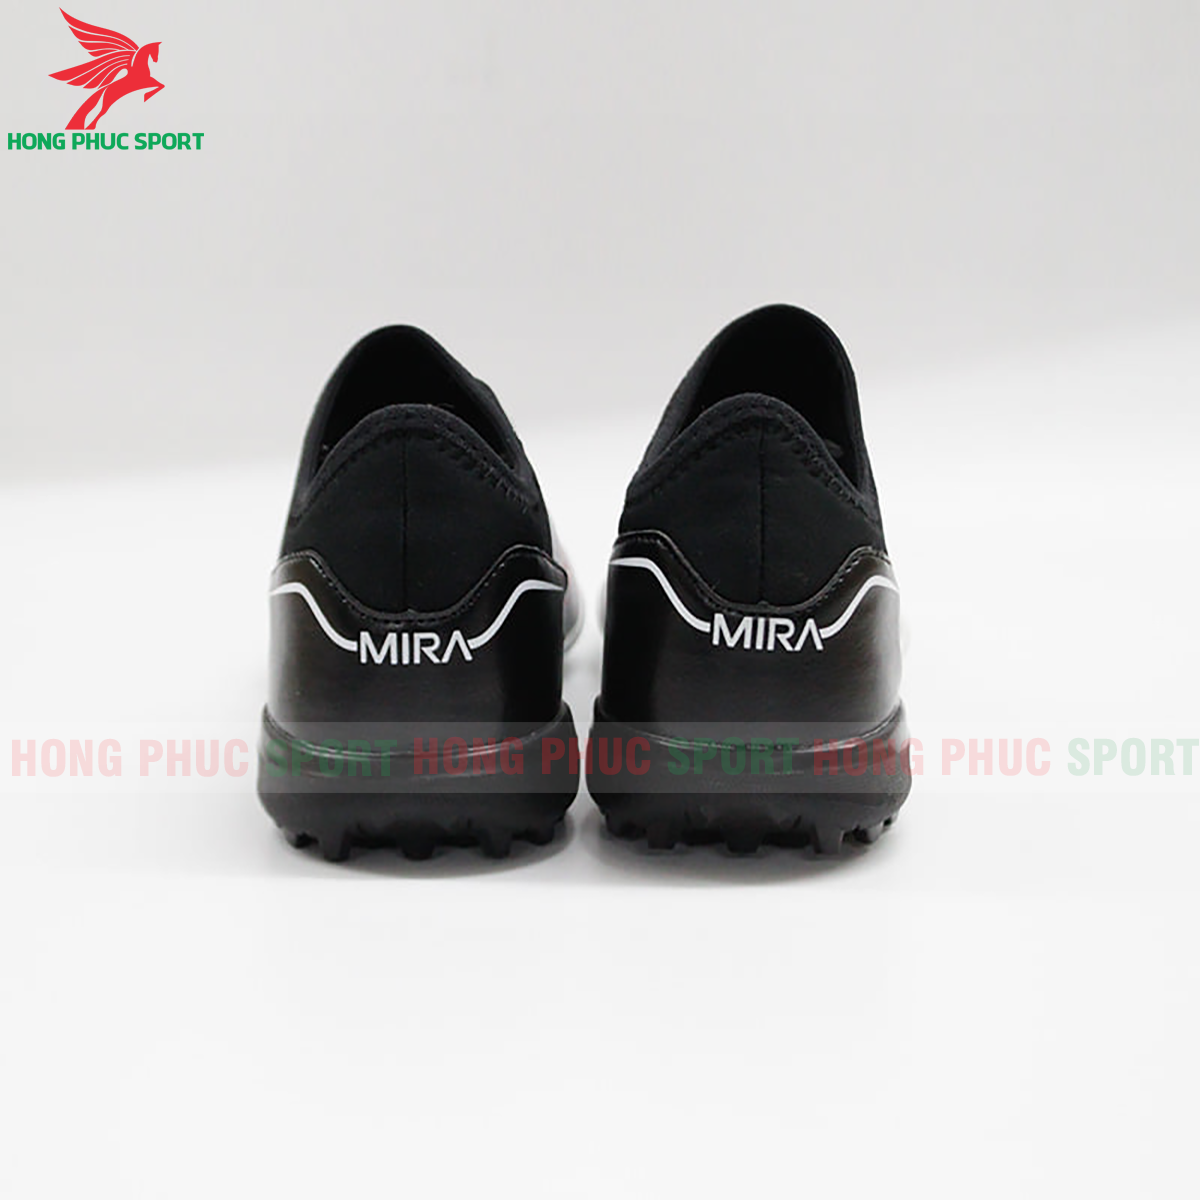 https://cdn.hongphucsport.com/unsafe/s4.shopbay.vn/files/285/giay-da-bong-mira-lux-20-3-mau-trang-phoi-den-6-5f74085b13fc1.png